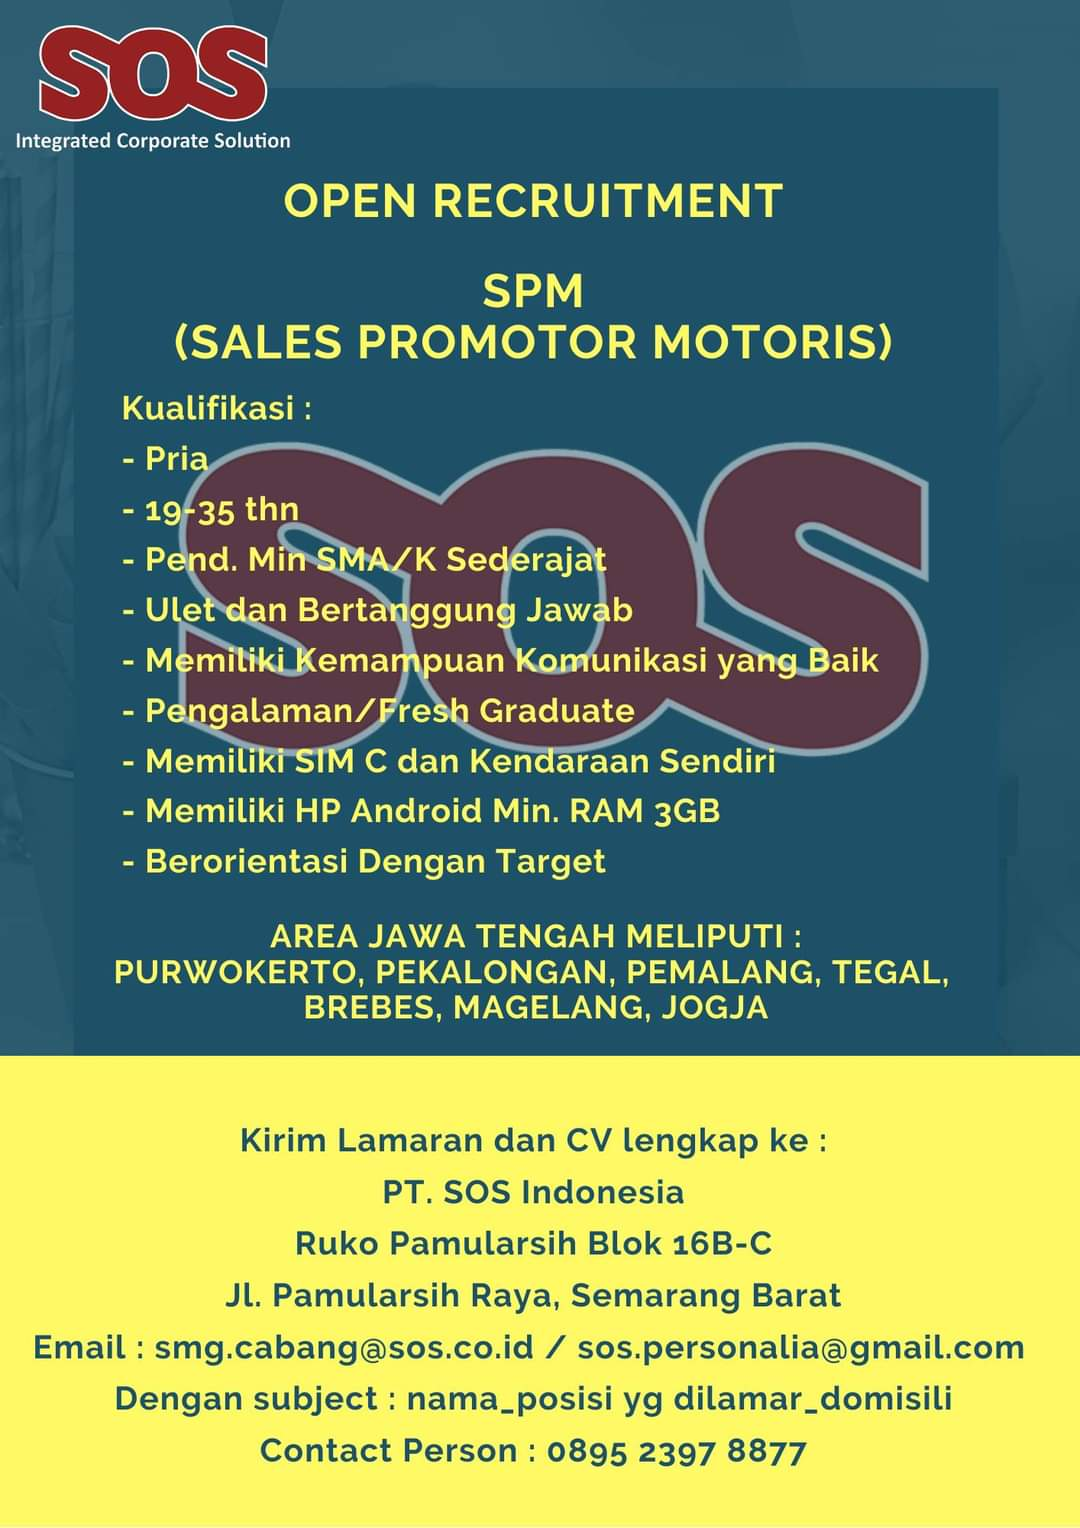 Loker Semar PT Shield-On Service Tbk atau yang dikenal dengan nama SOS adalah salah satu perusahaan alih daya terbesar di Indonesia dengan 13 kantor operasional di kota-kota besar di Indonesia. SOS telah menjadi bagian penting dalam memenuhi kebutuhan tenaga alih daya ribuan pelanggan di Indonesia.